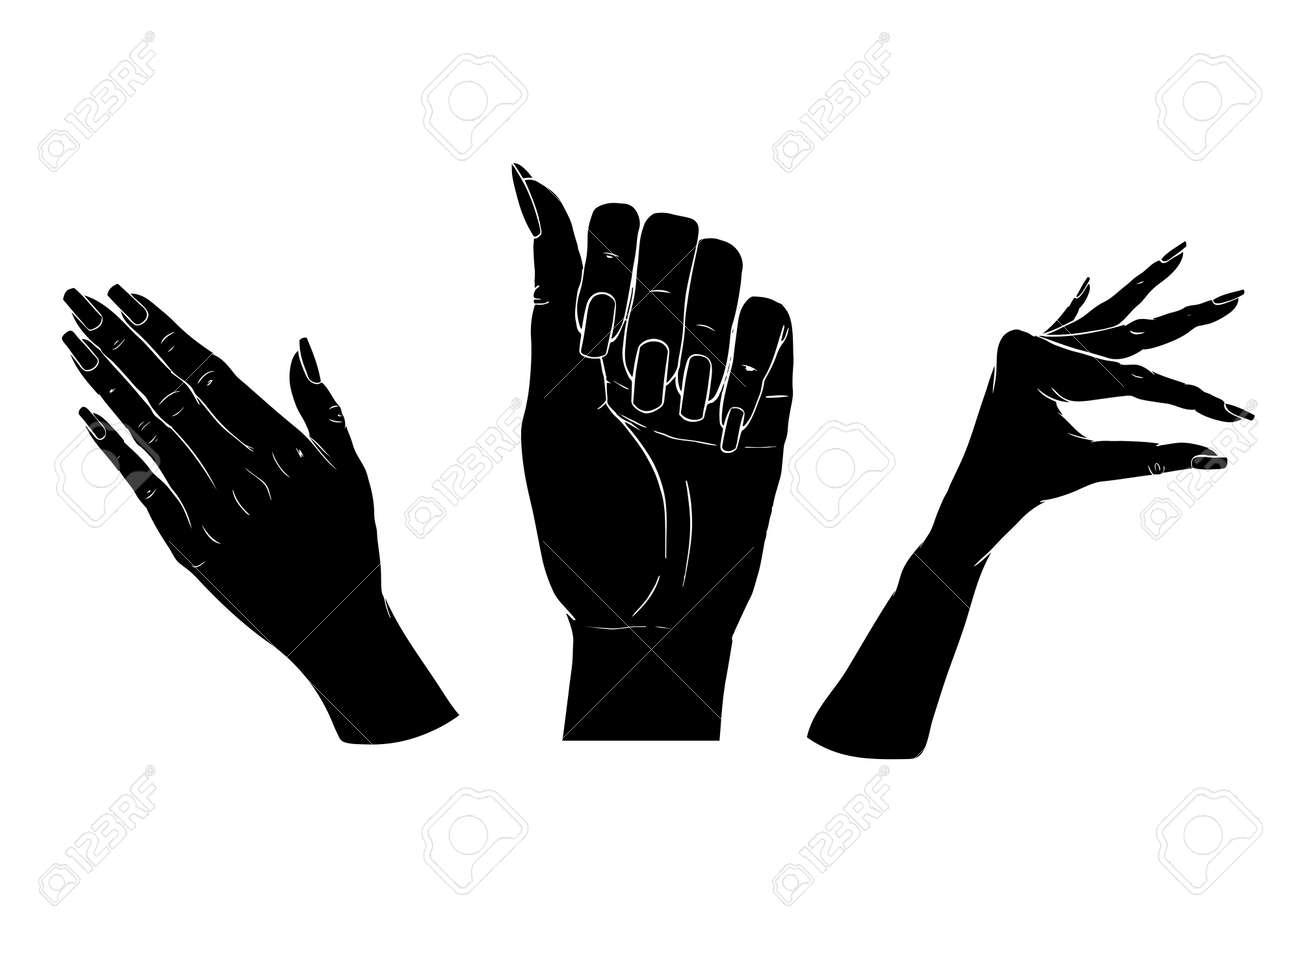 Female black silhouette hands over white background. Set vector illustration - 168290710